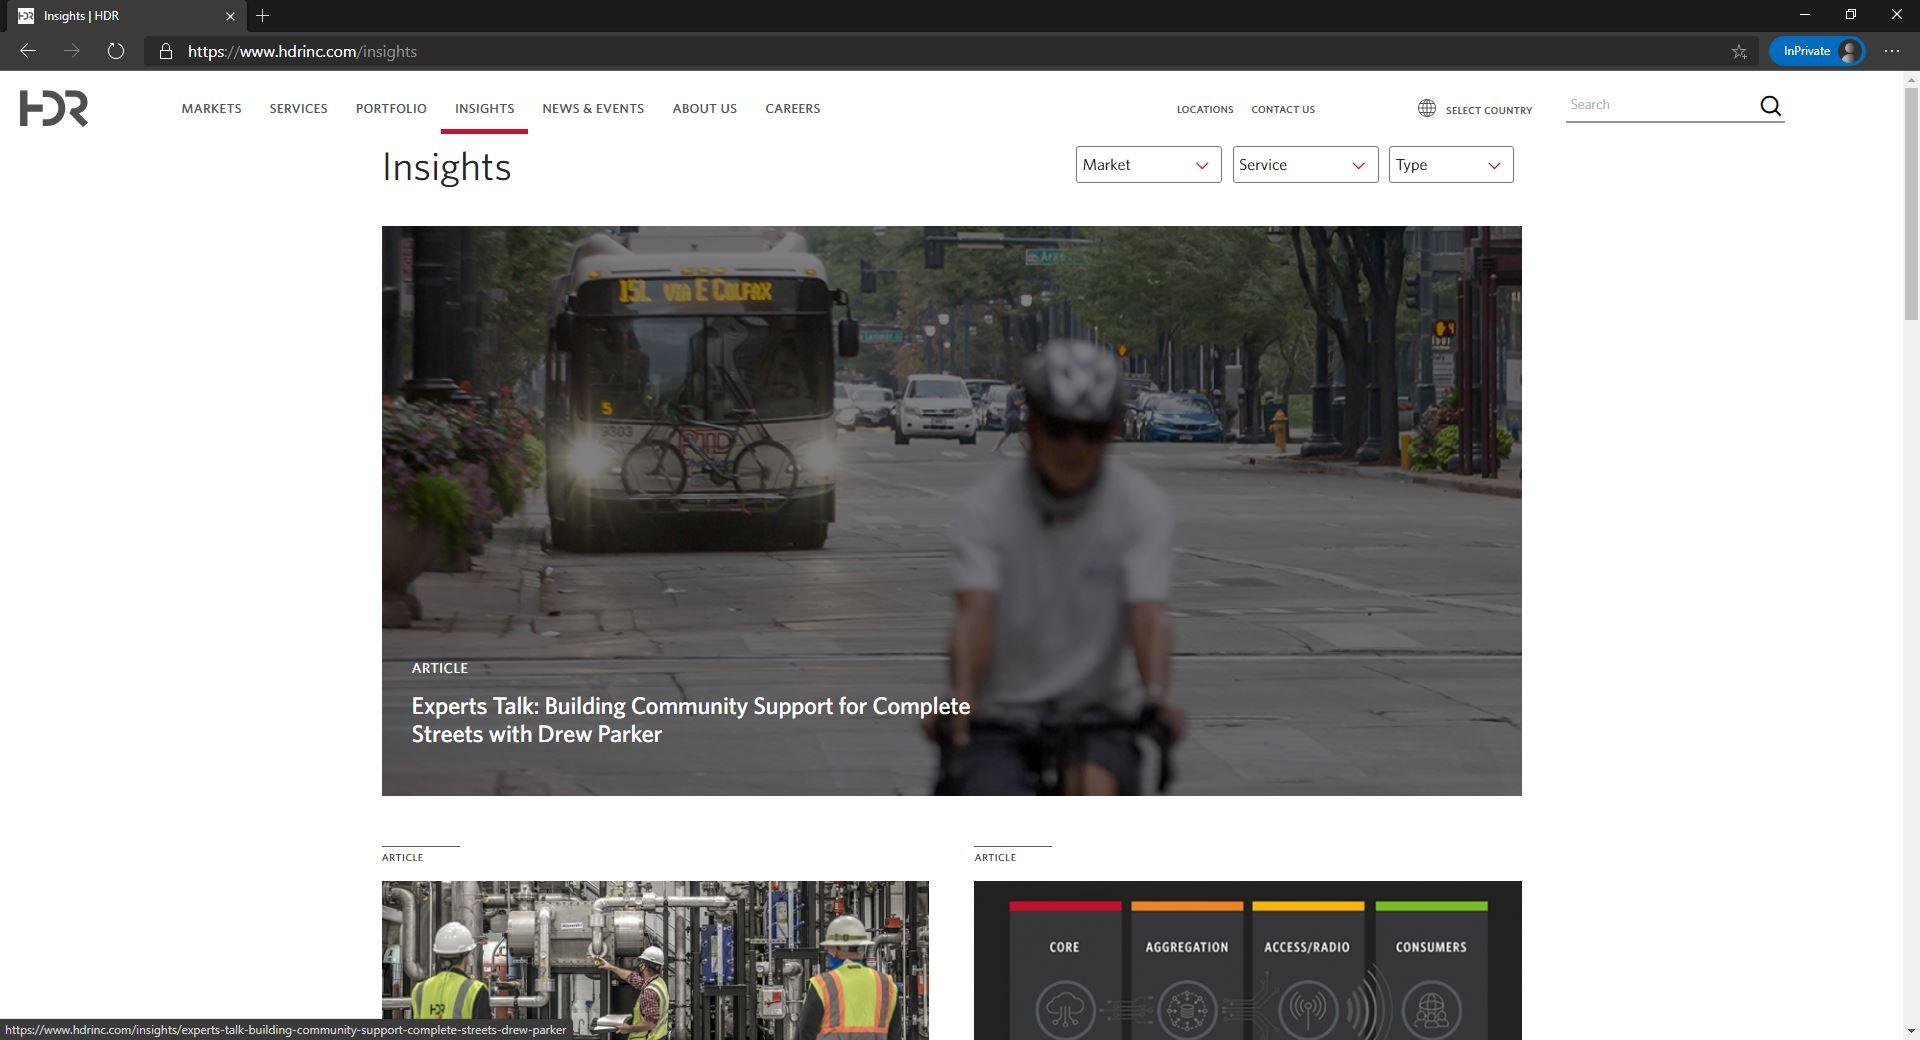 HDR homepage website